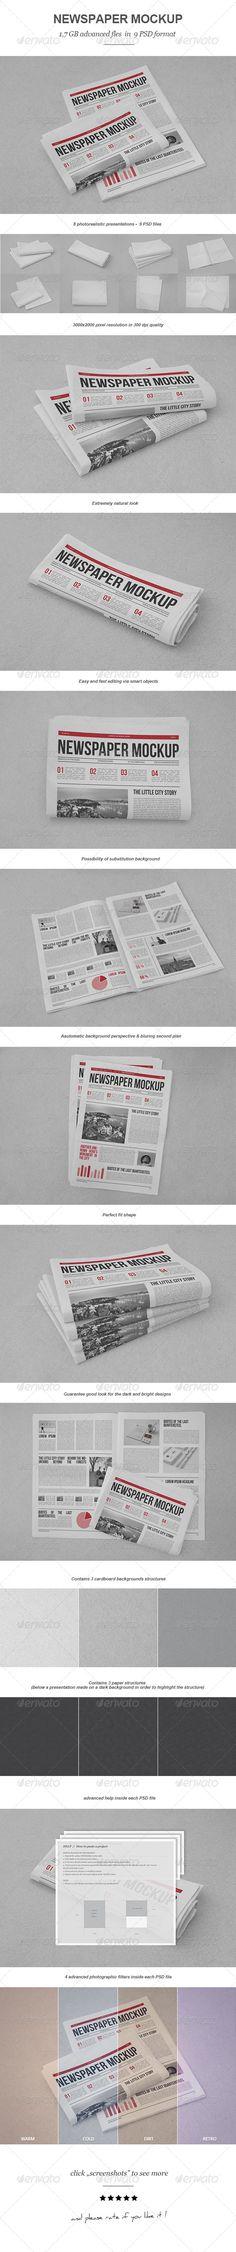 Newspaper Mock-up #design Download: http://graphicriver.net/item/newspaper-mockup/7424162?ref=ksioks